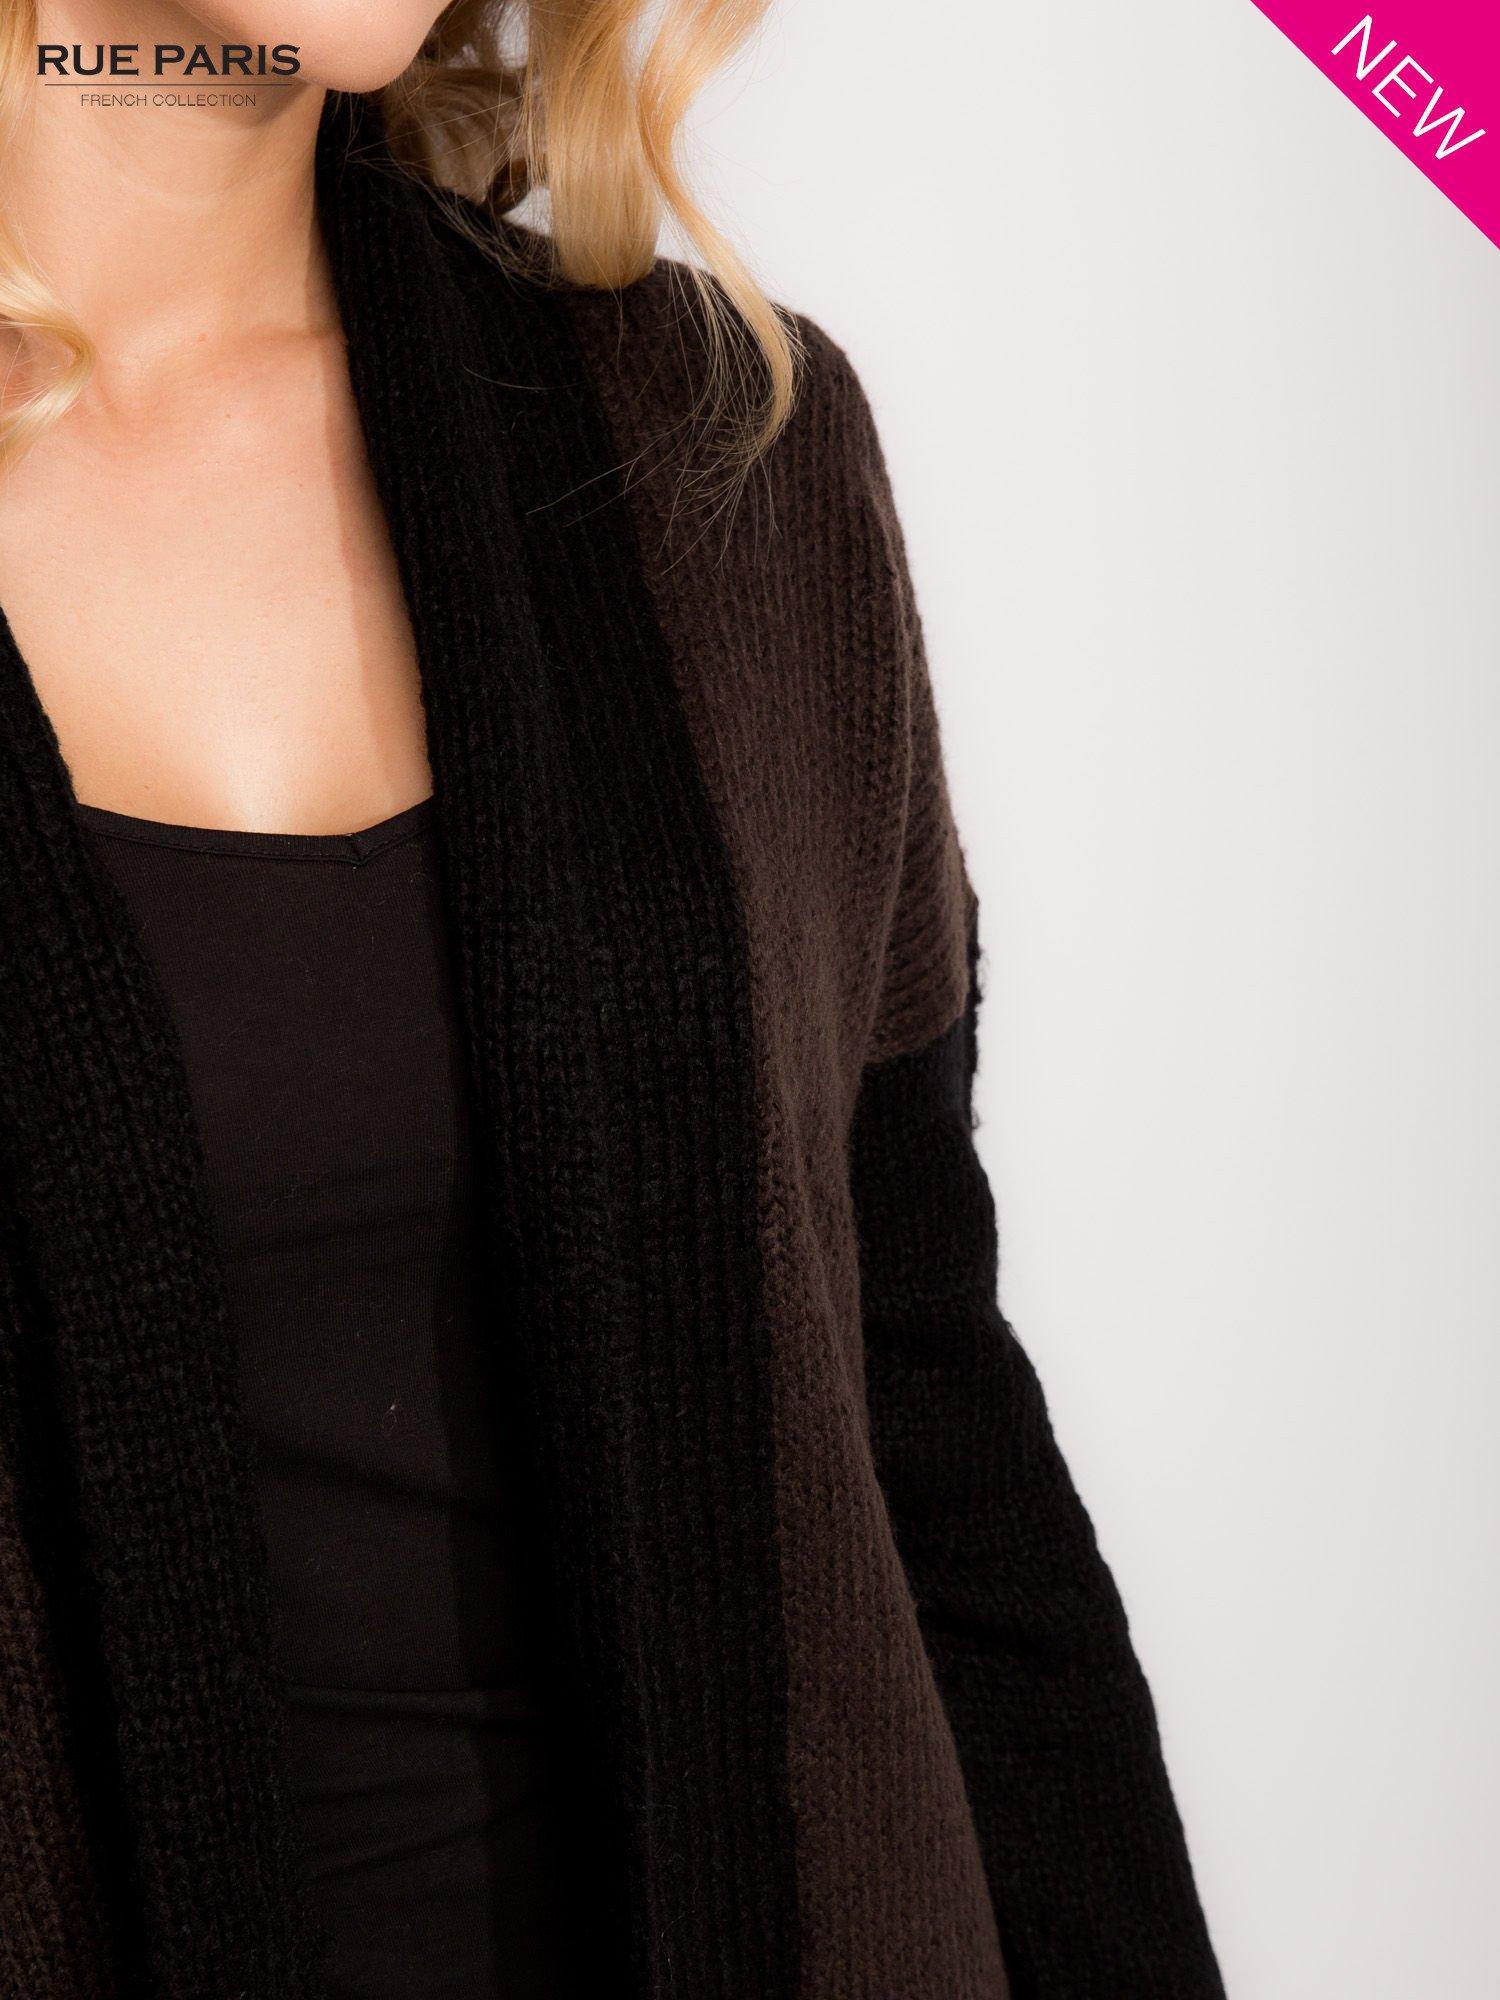 Ciemnobrązowy sweter z kontrastowym pasem i rękawami                                  zdj.                                  6